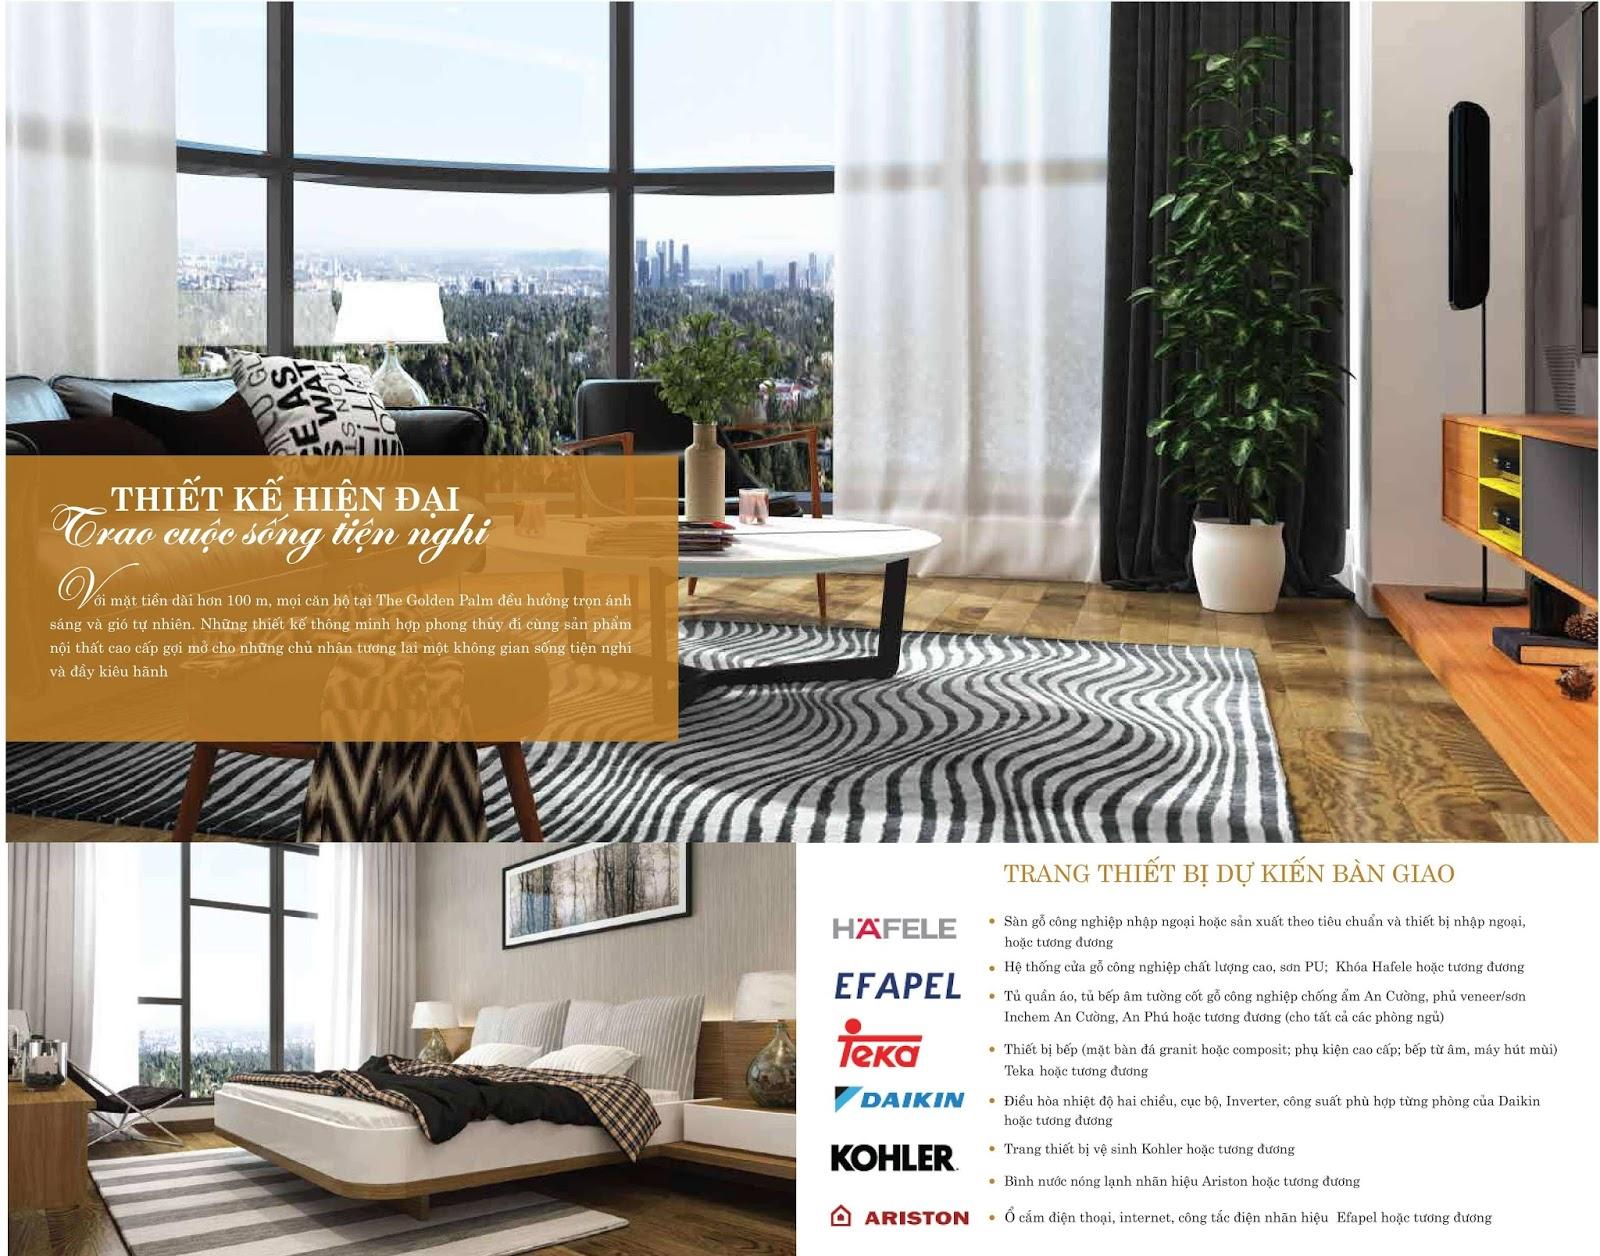 Thiết kế nội thất đẳng cấp tại chung cư The Golden Palm